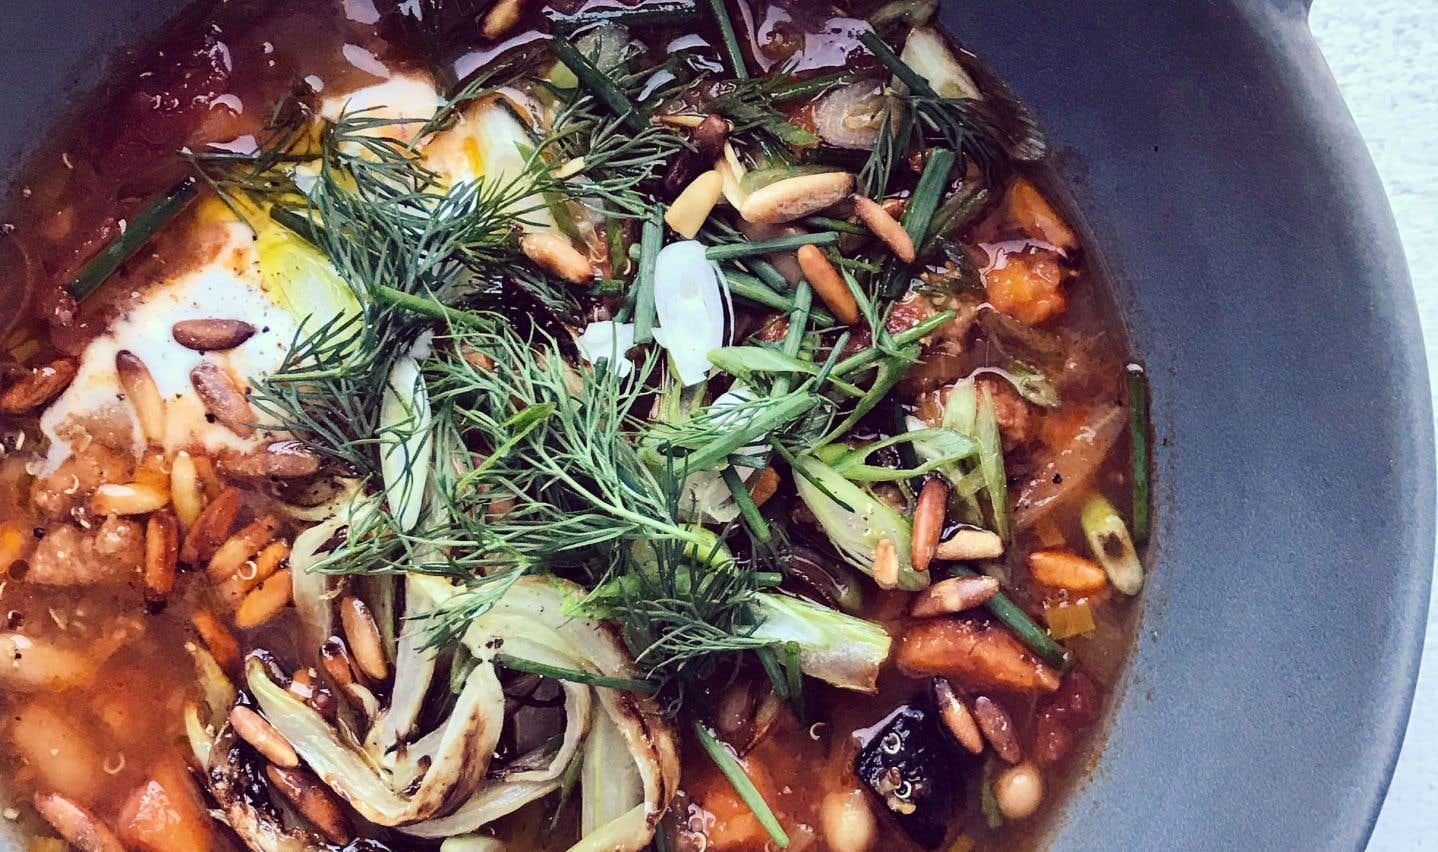 La recette de soupe à la saucisse, haricots blancs et quinoa du chef Michael Tozzi